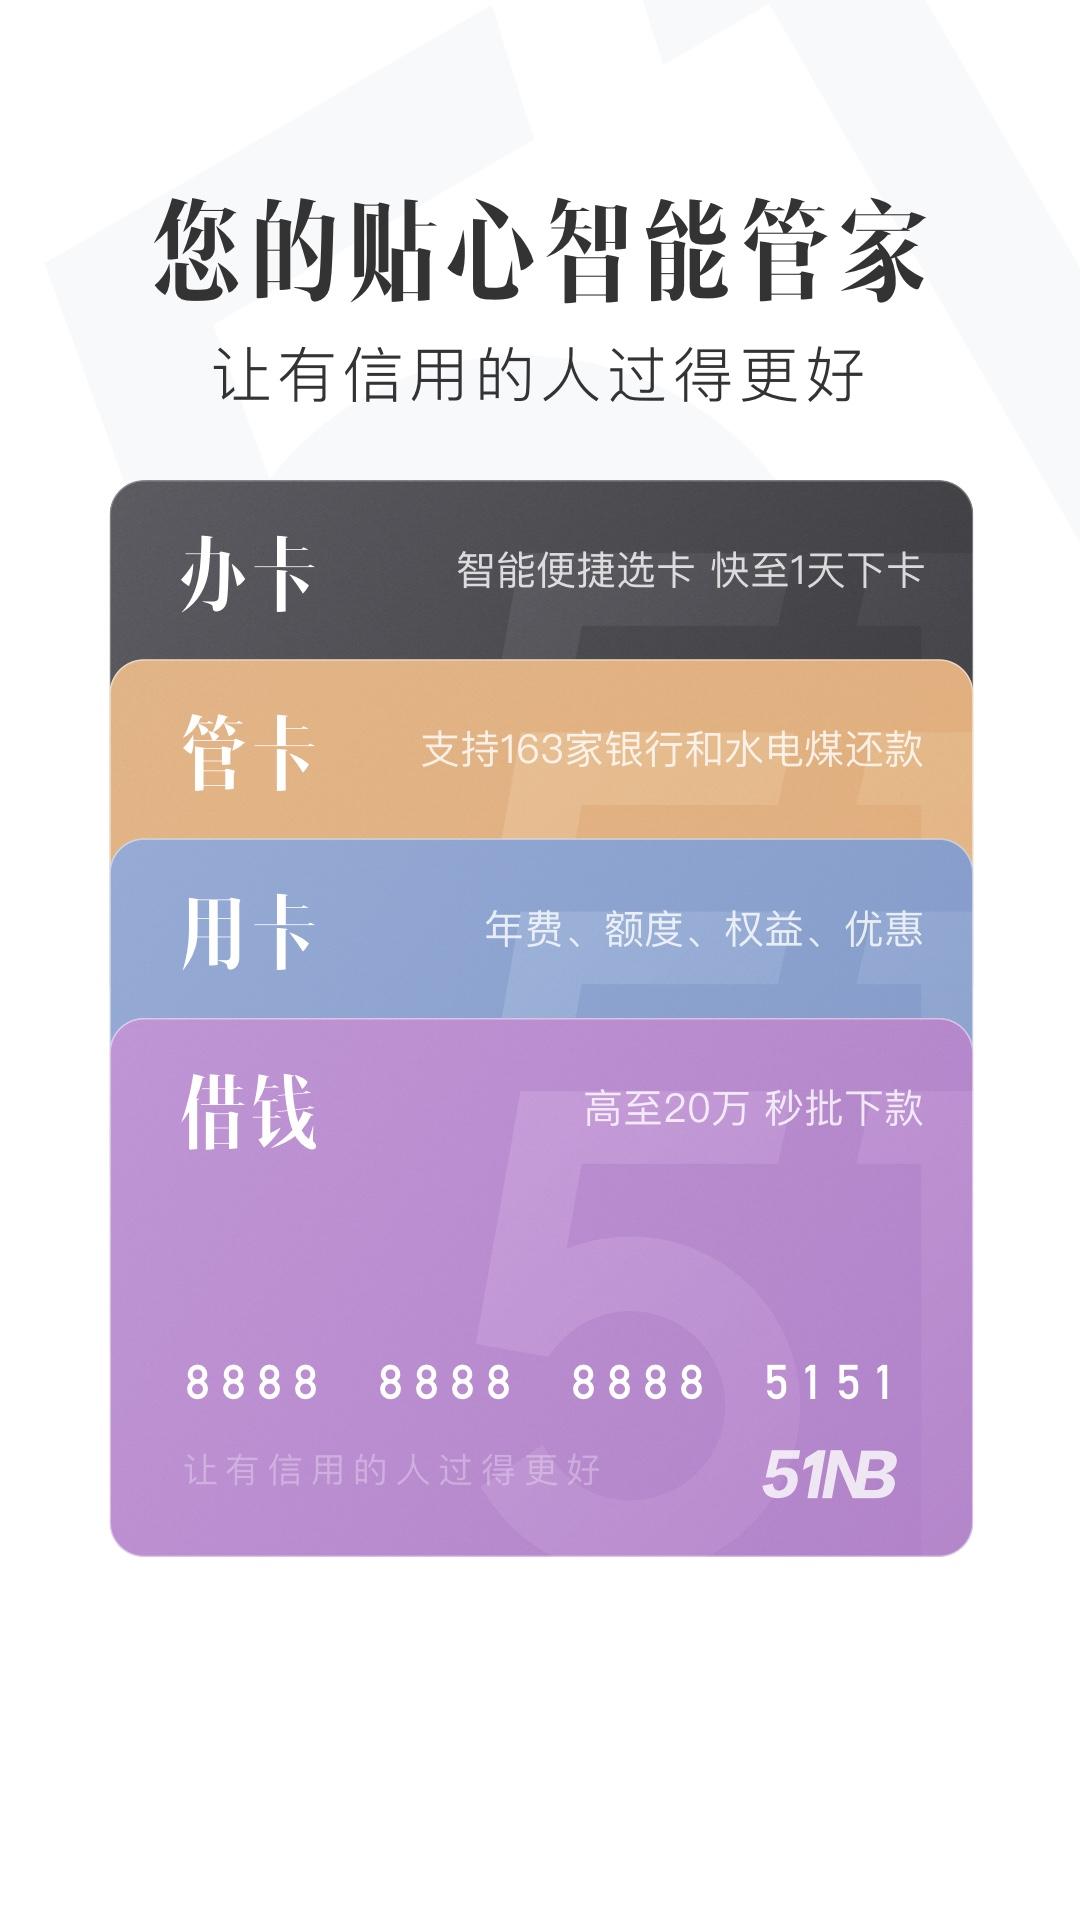 51信用卡管家截图(1)